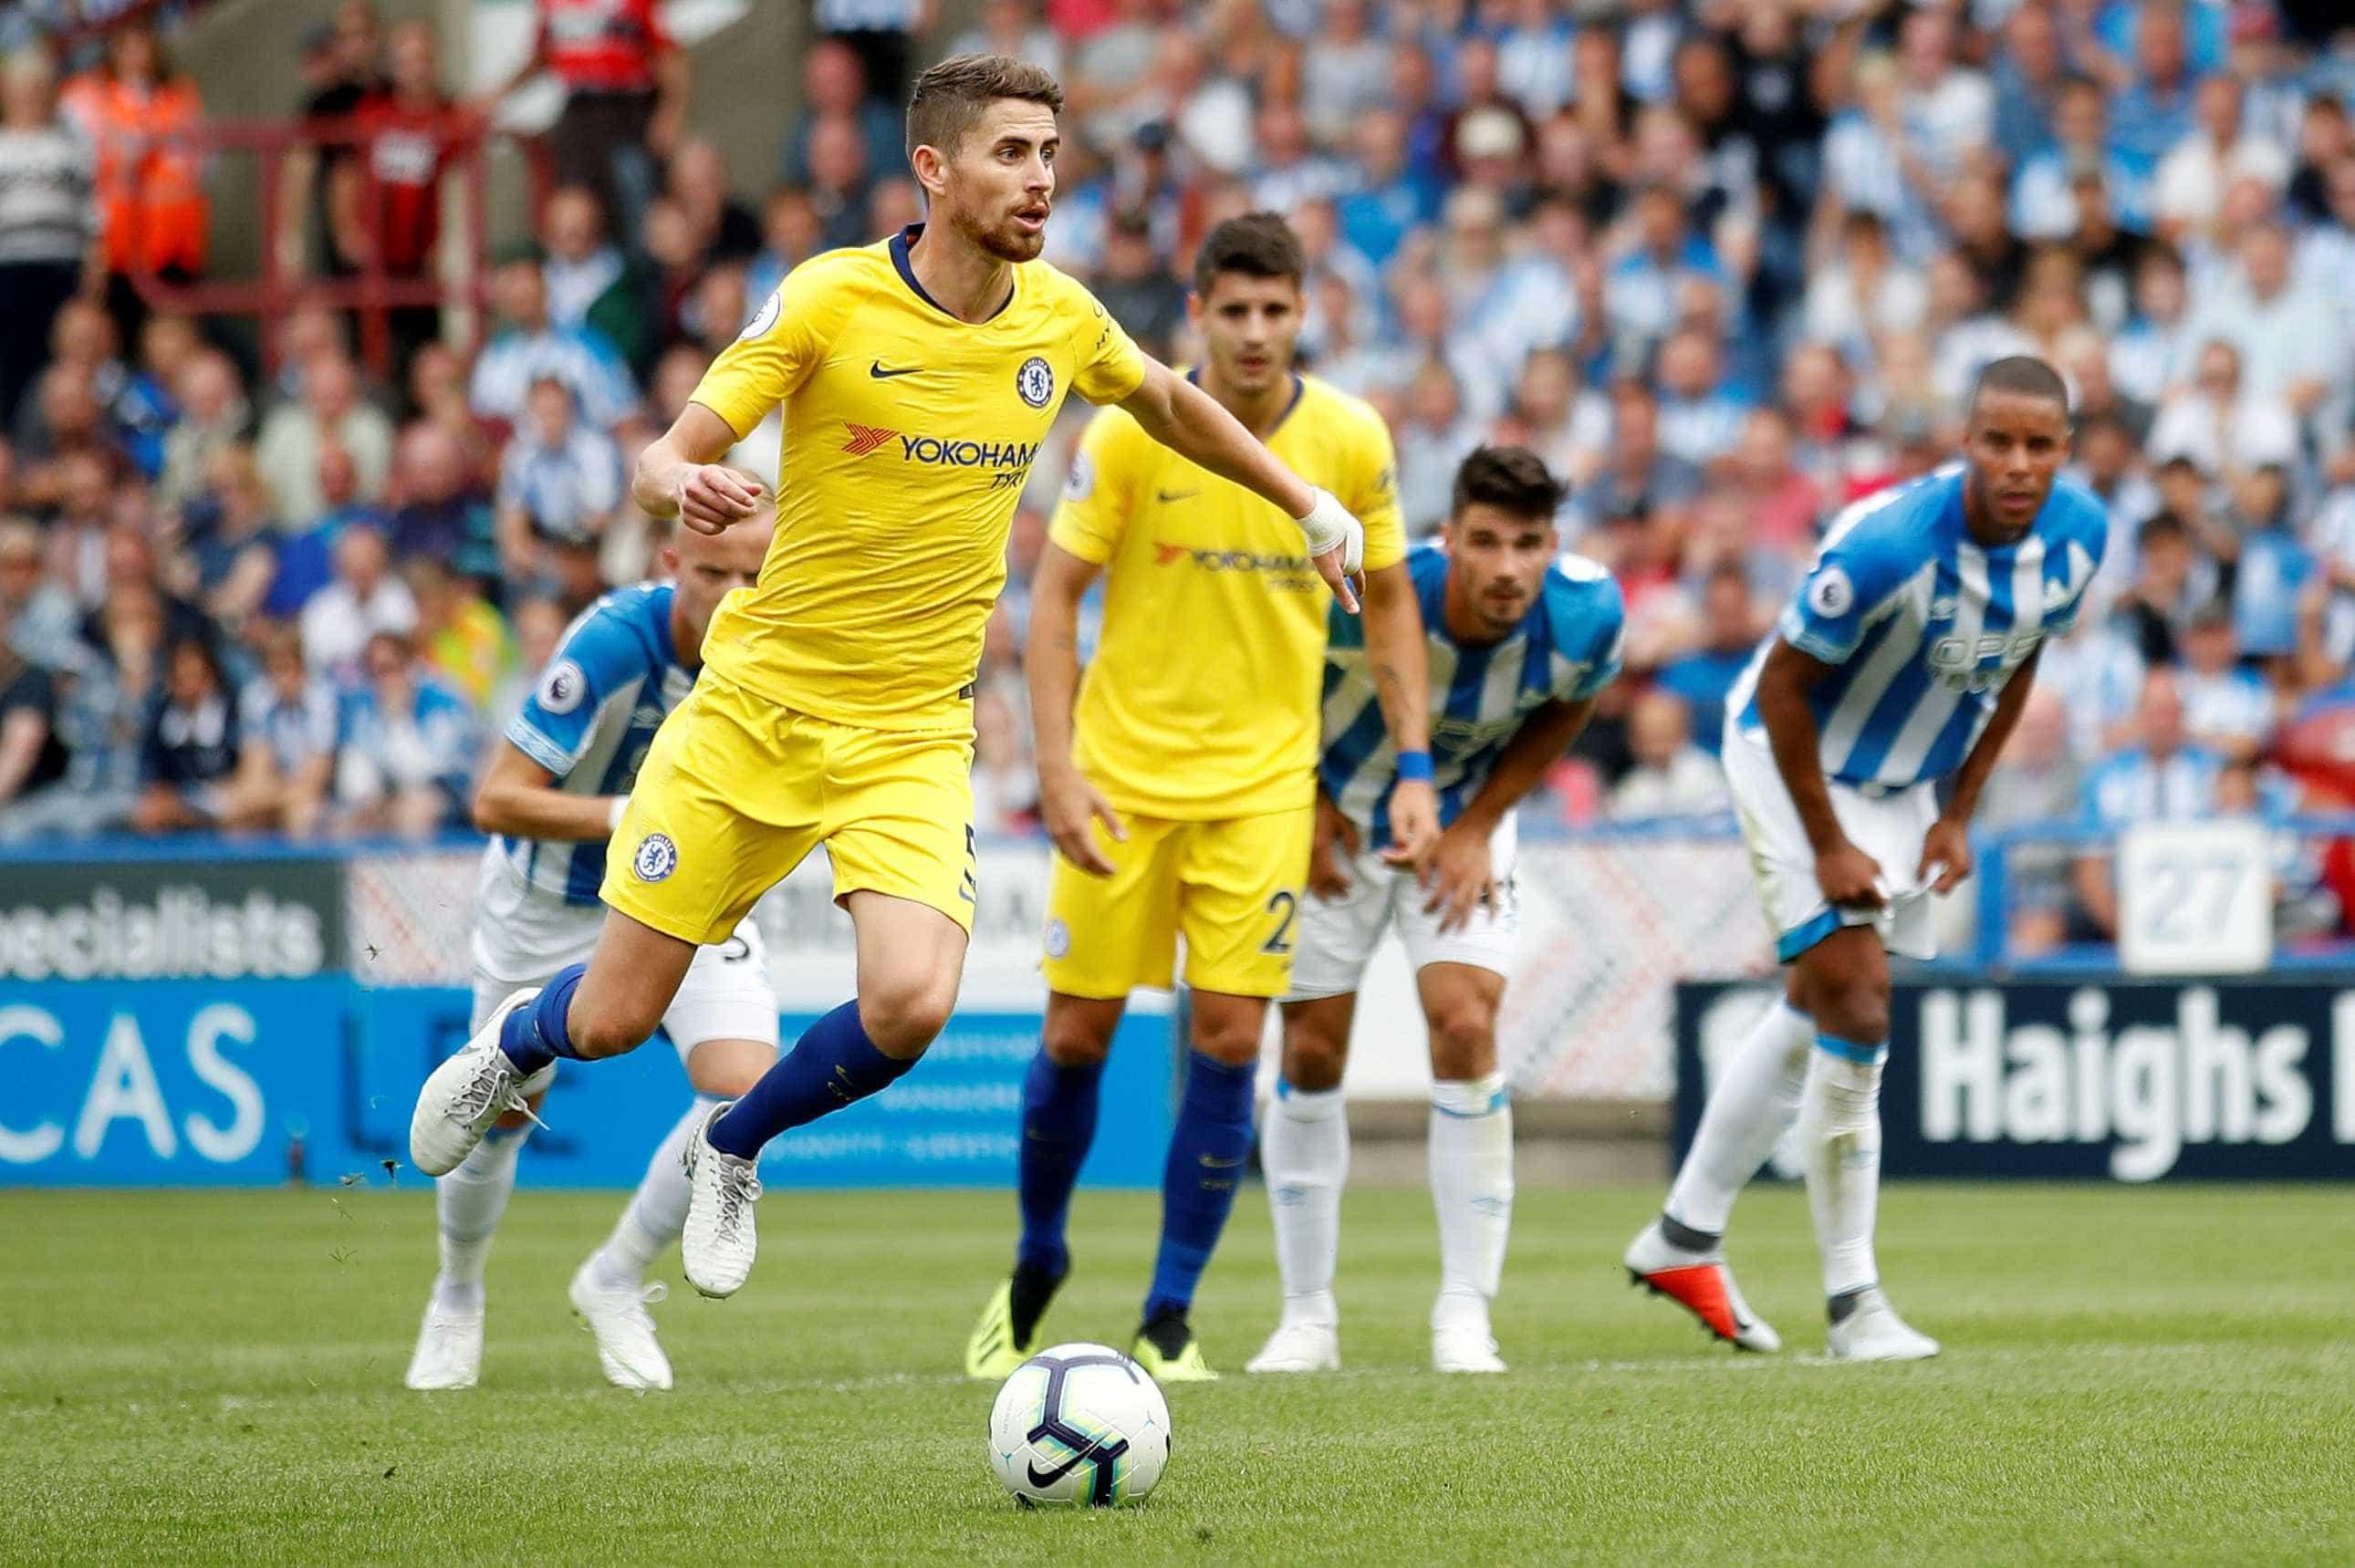 Fora de casa, Chelsea vence por 3 a 0 em estreia de Sarri no Inglês